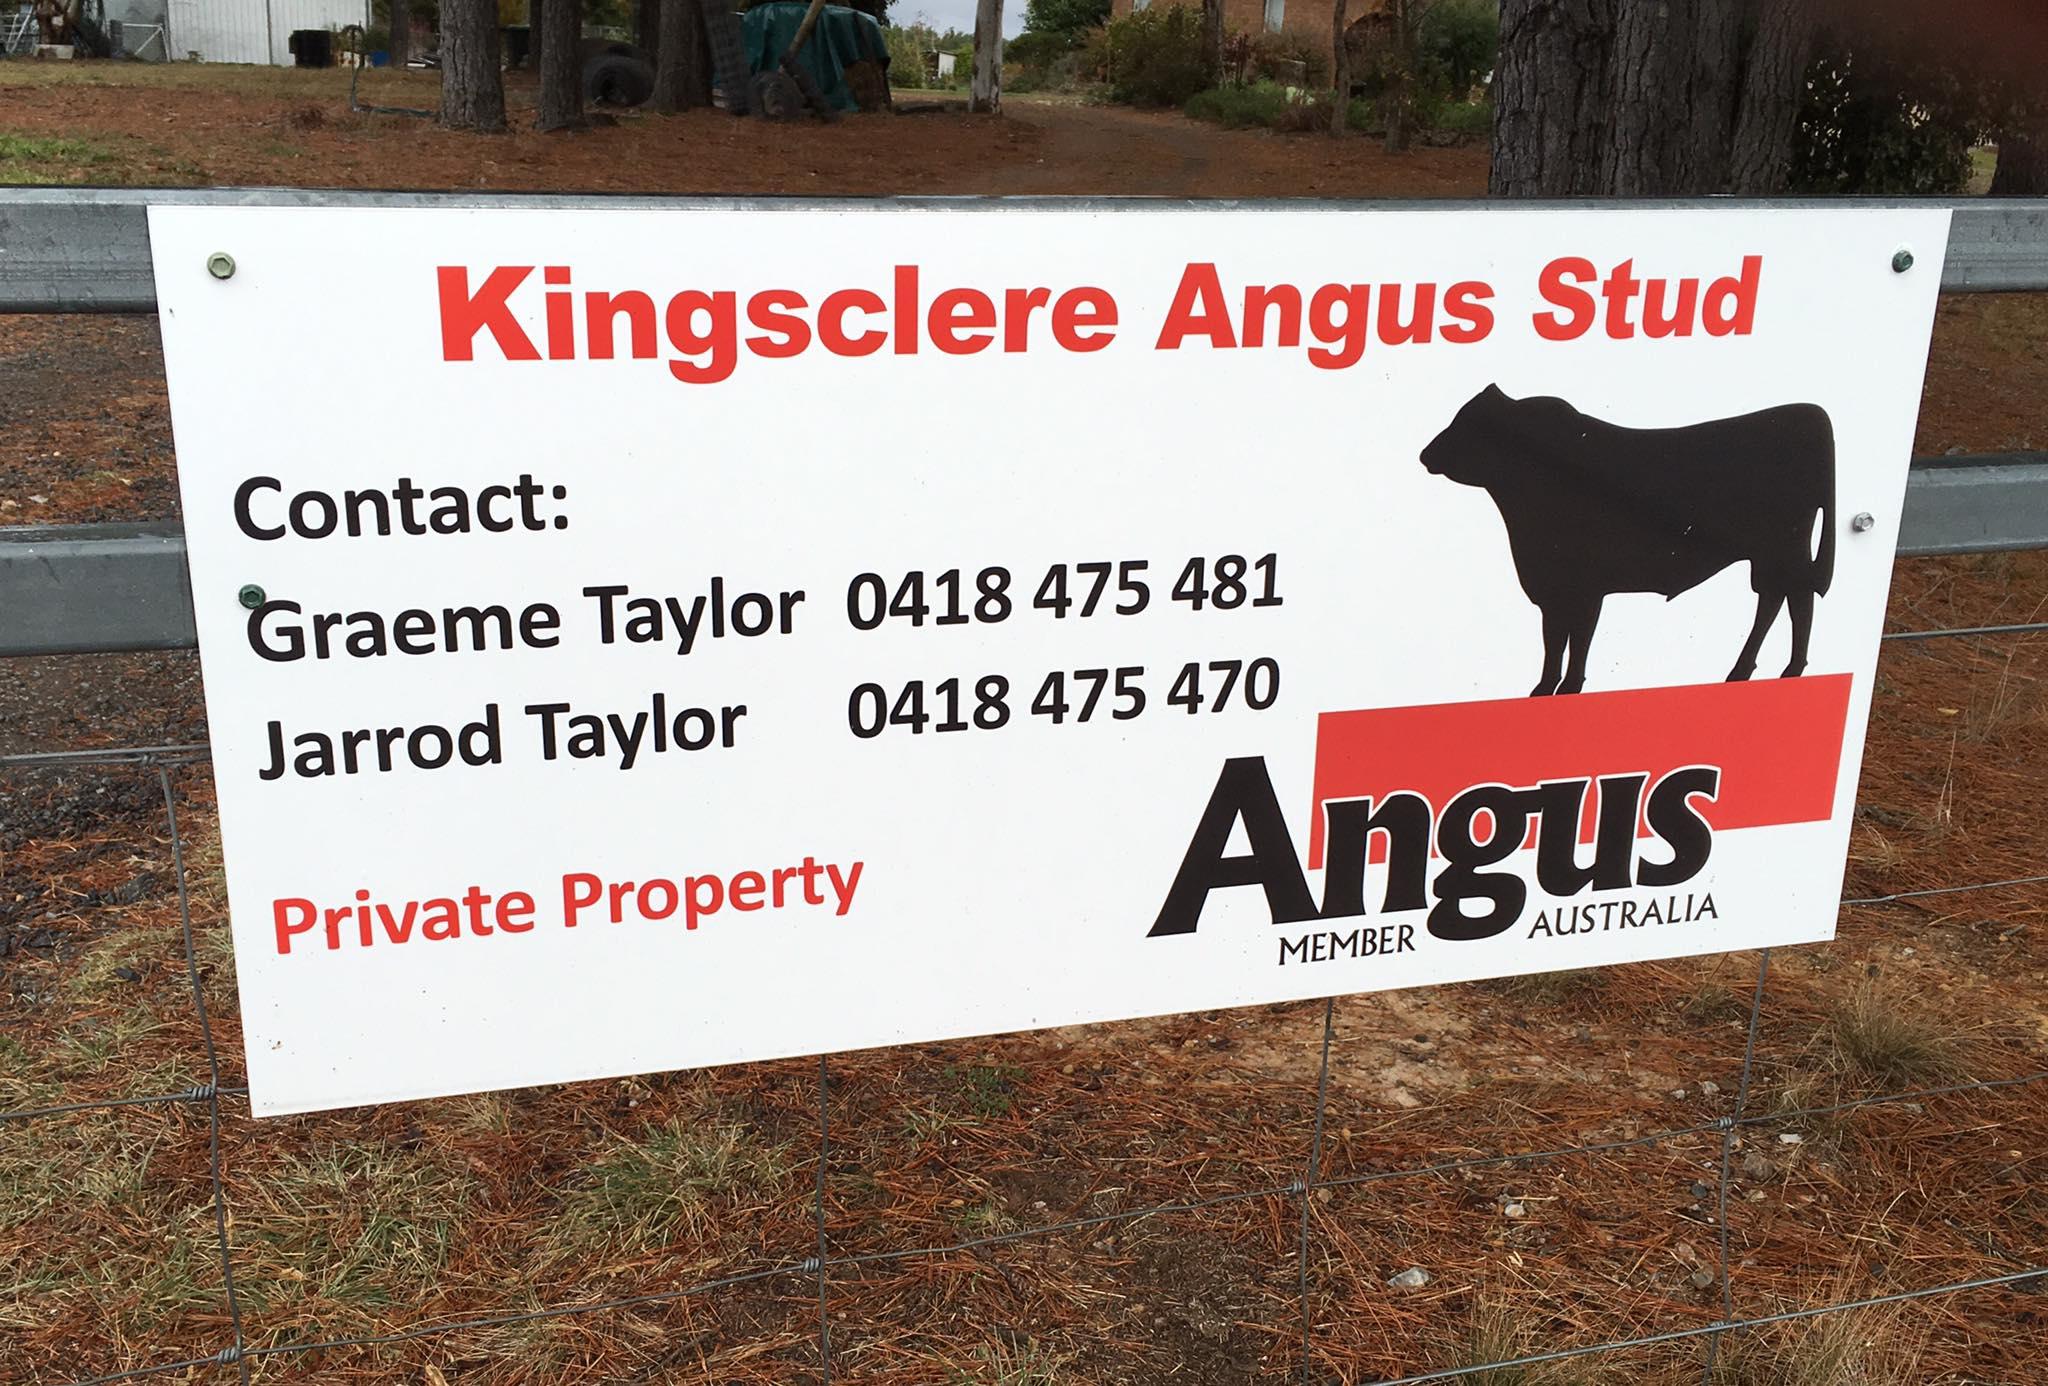 Kinsclere Angus Stud Signage